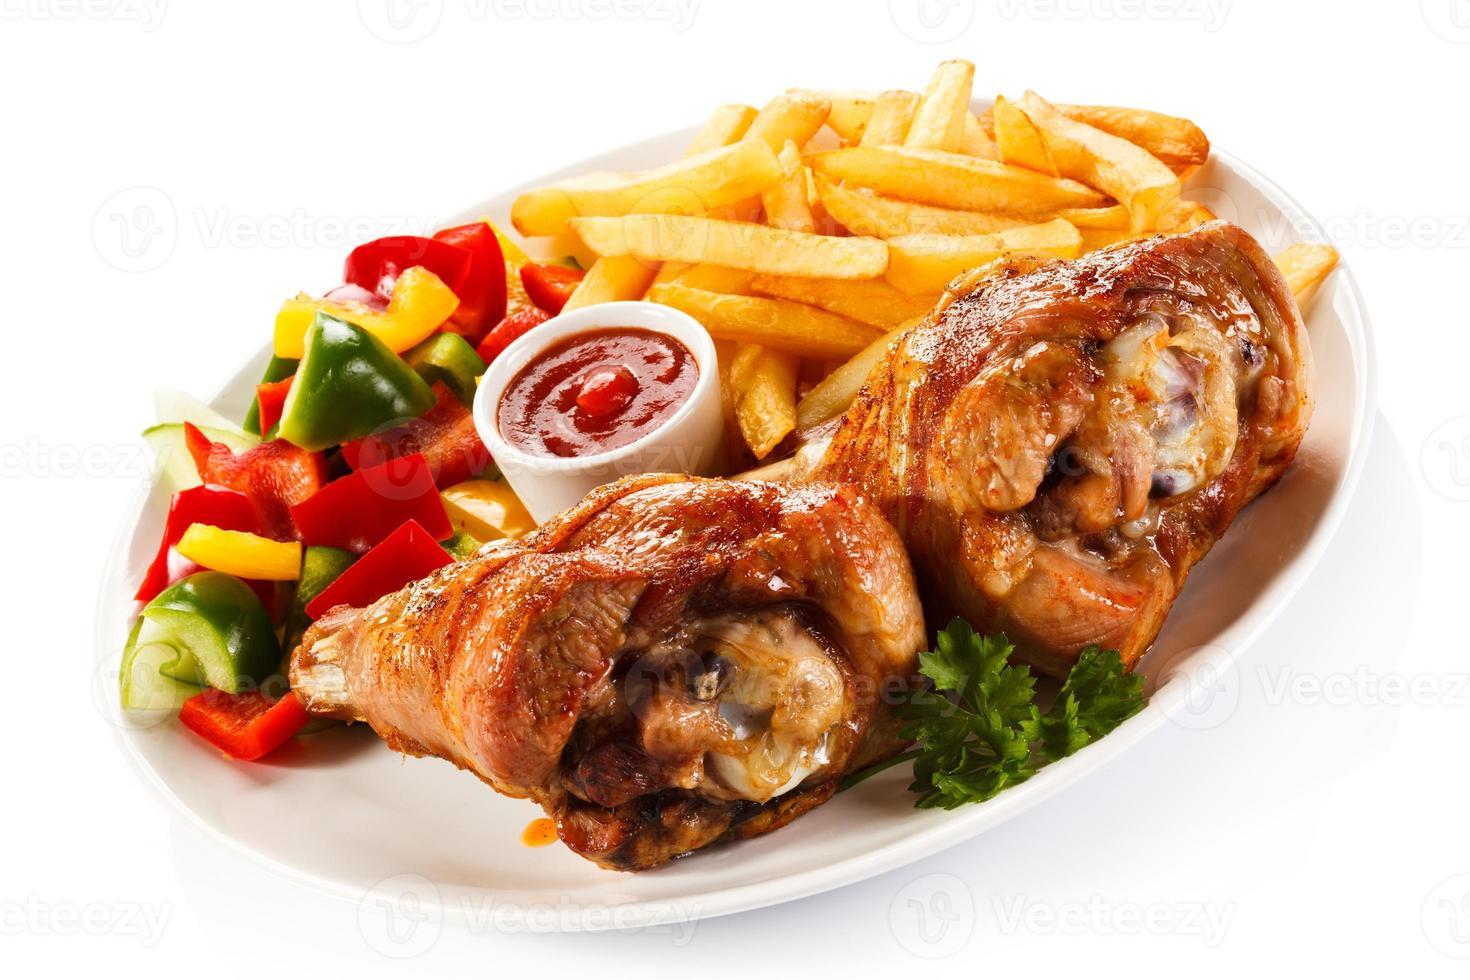 cuisse de dinde rôtie, frites et légumes photo